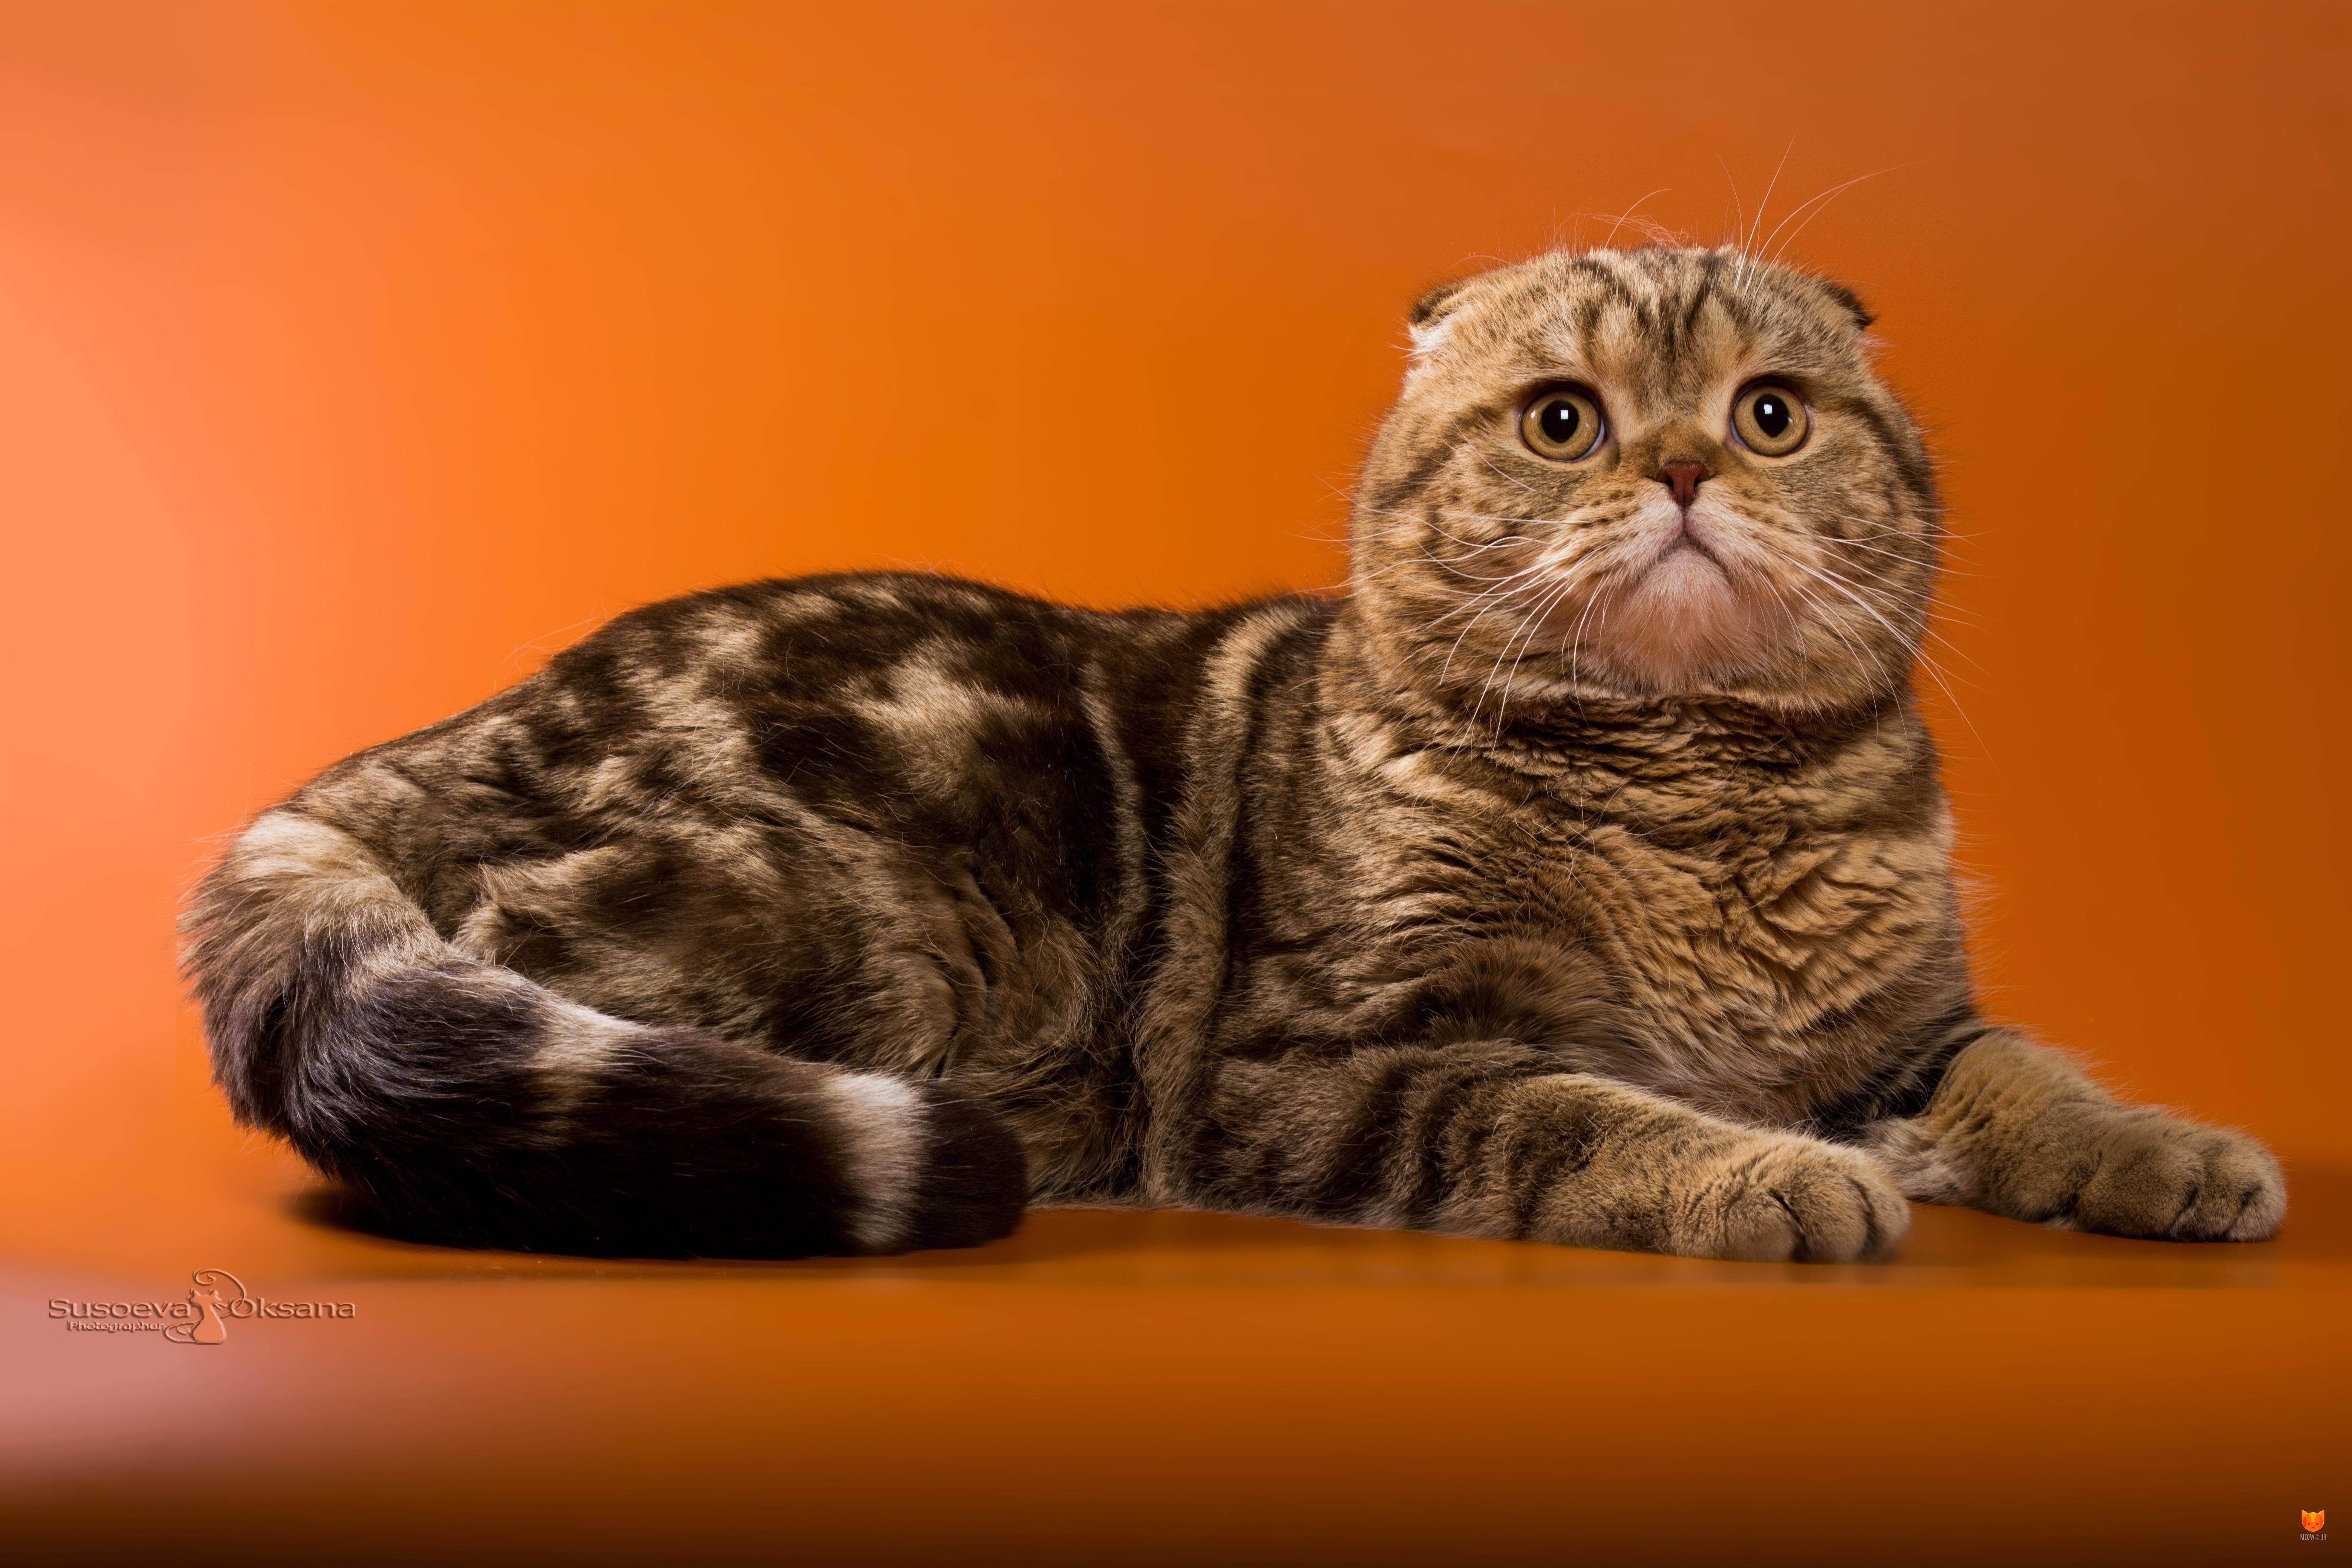 Шотландская вислоухая кошка: цена или сколько стоит кот, фото представителей породы